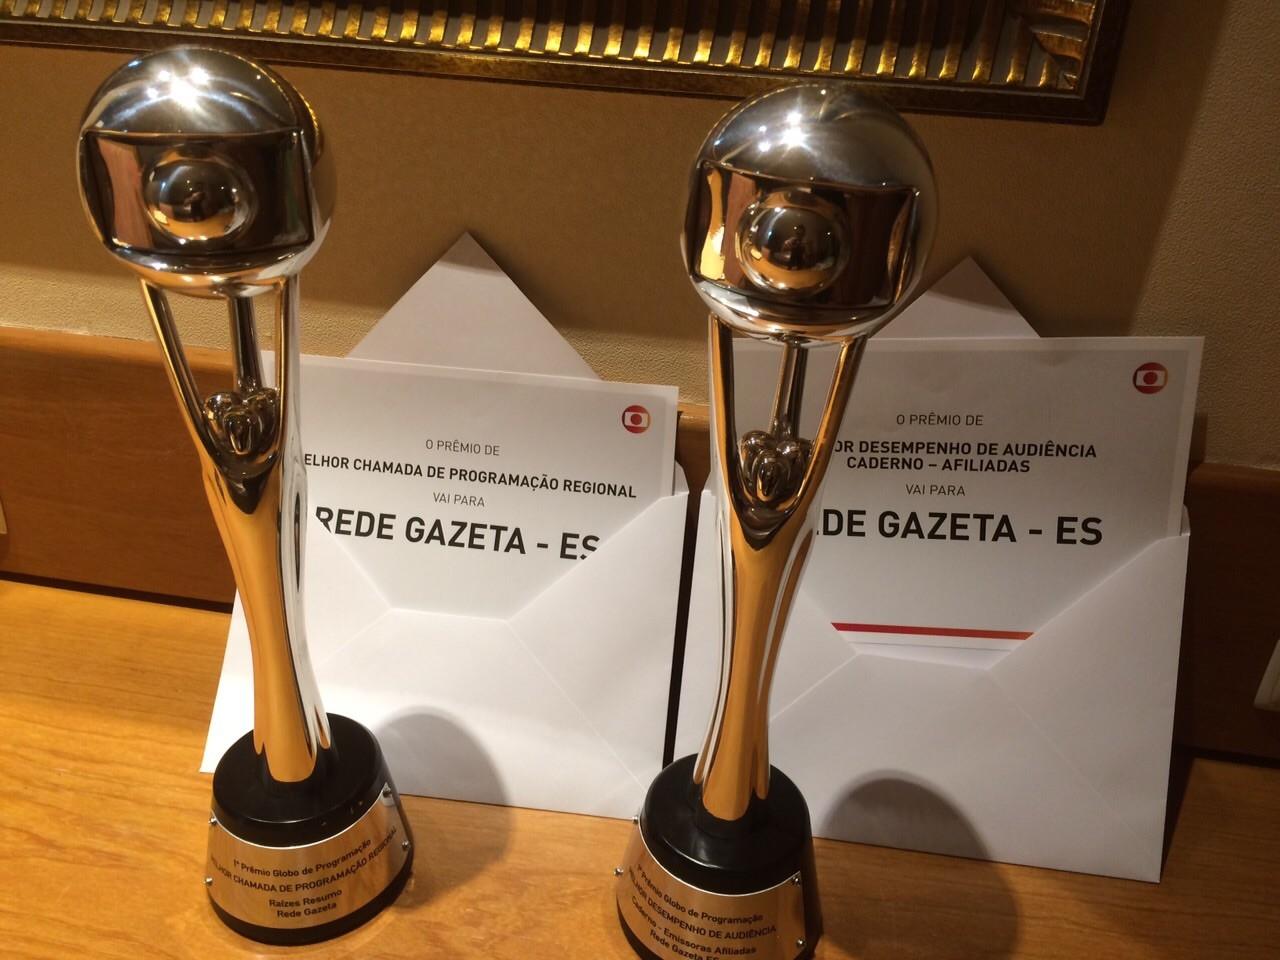 Troféus Prêmio de Programação afiliadas (Foto: Gabriel Moura)